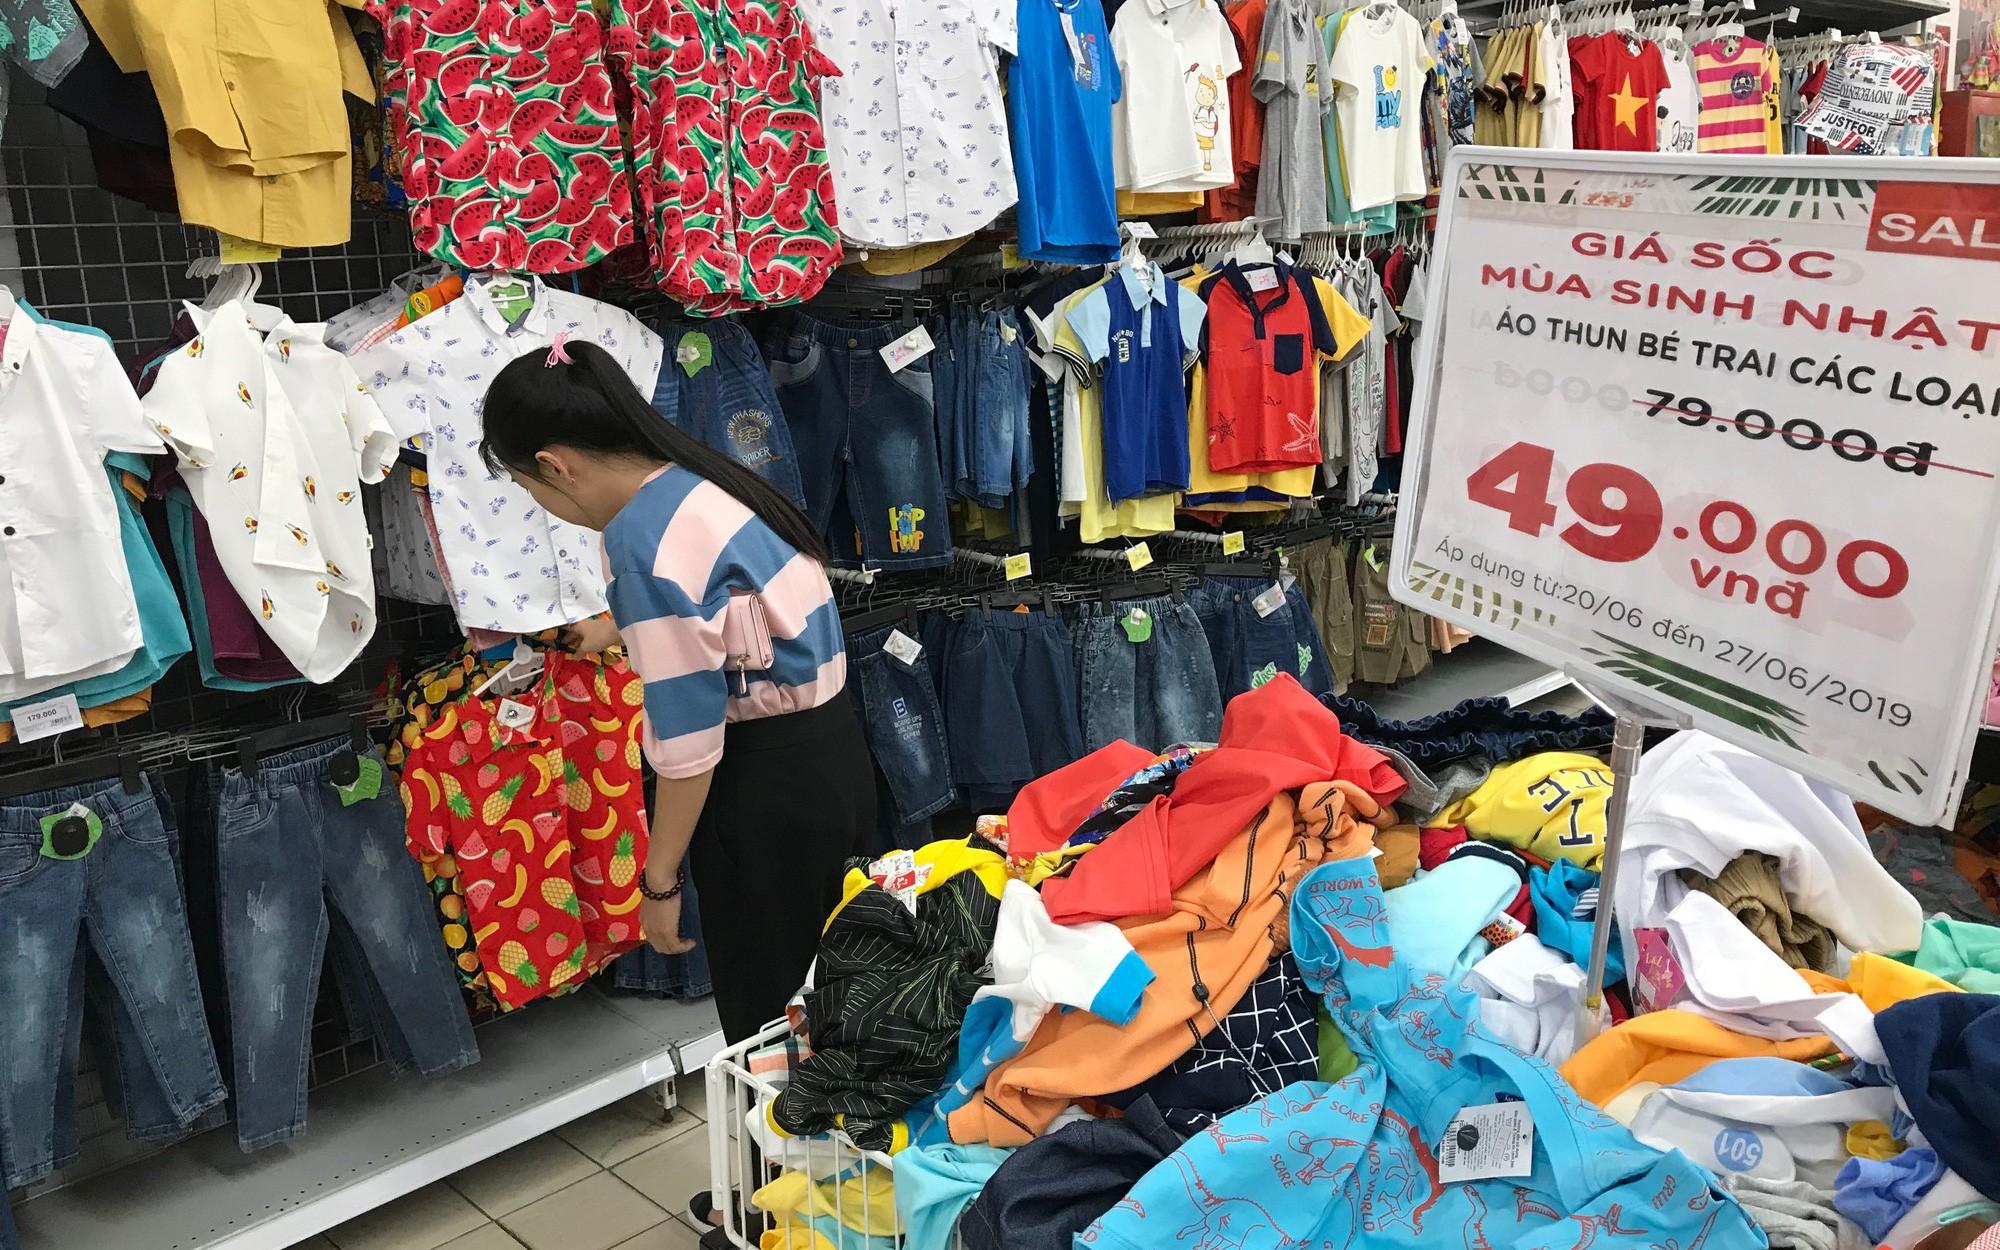 76% người Việt chuộng hàng Việt, tạo điều kiện phục hồi sản xuất và bán lẻ hậu COVID-19 - Ảnh 1.